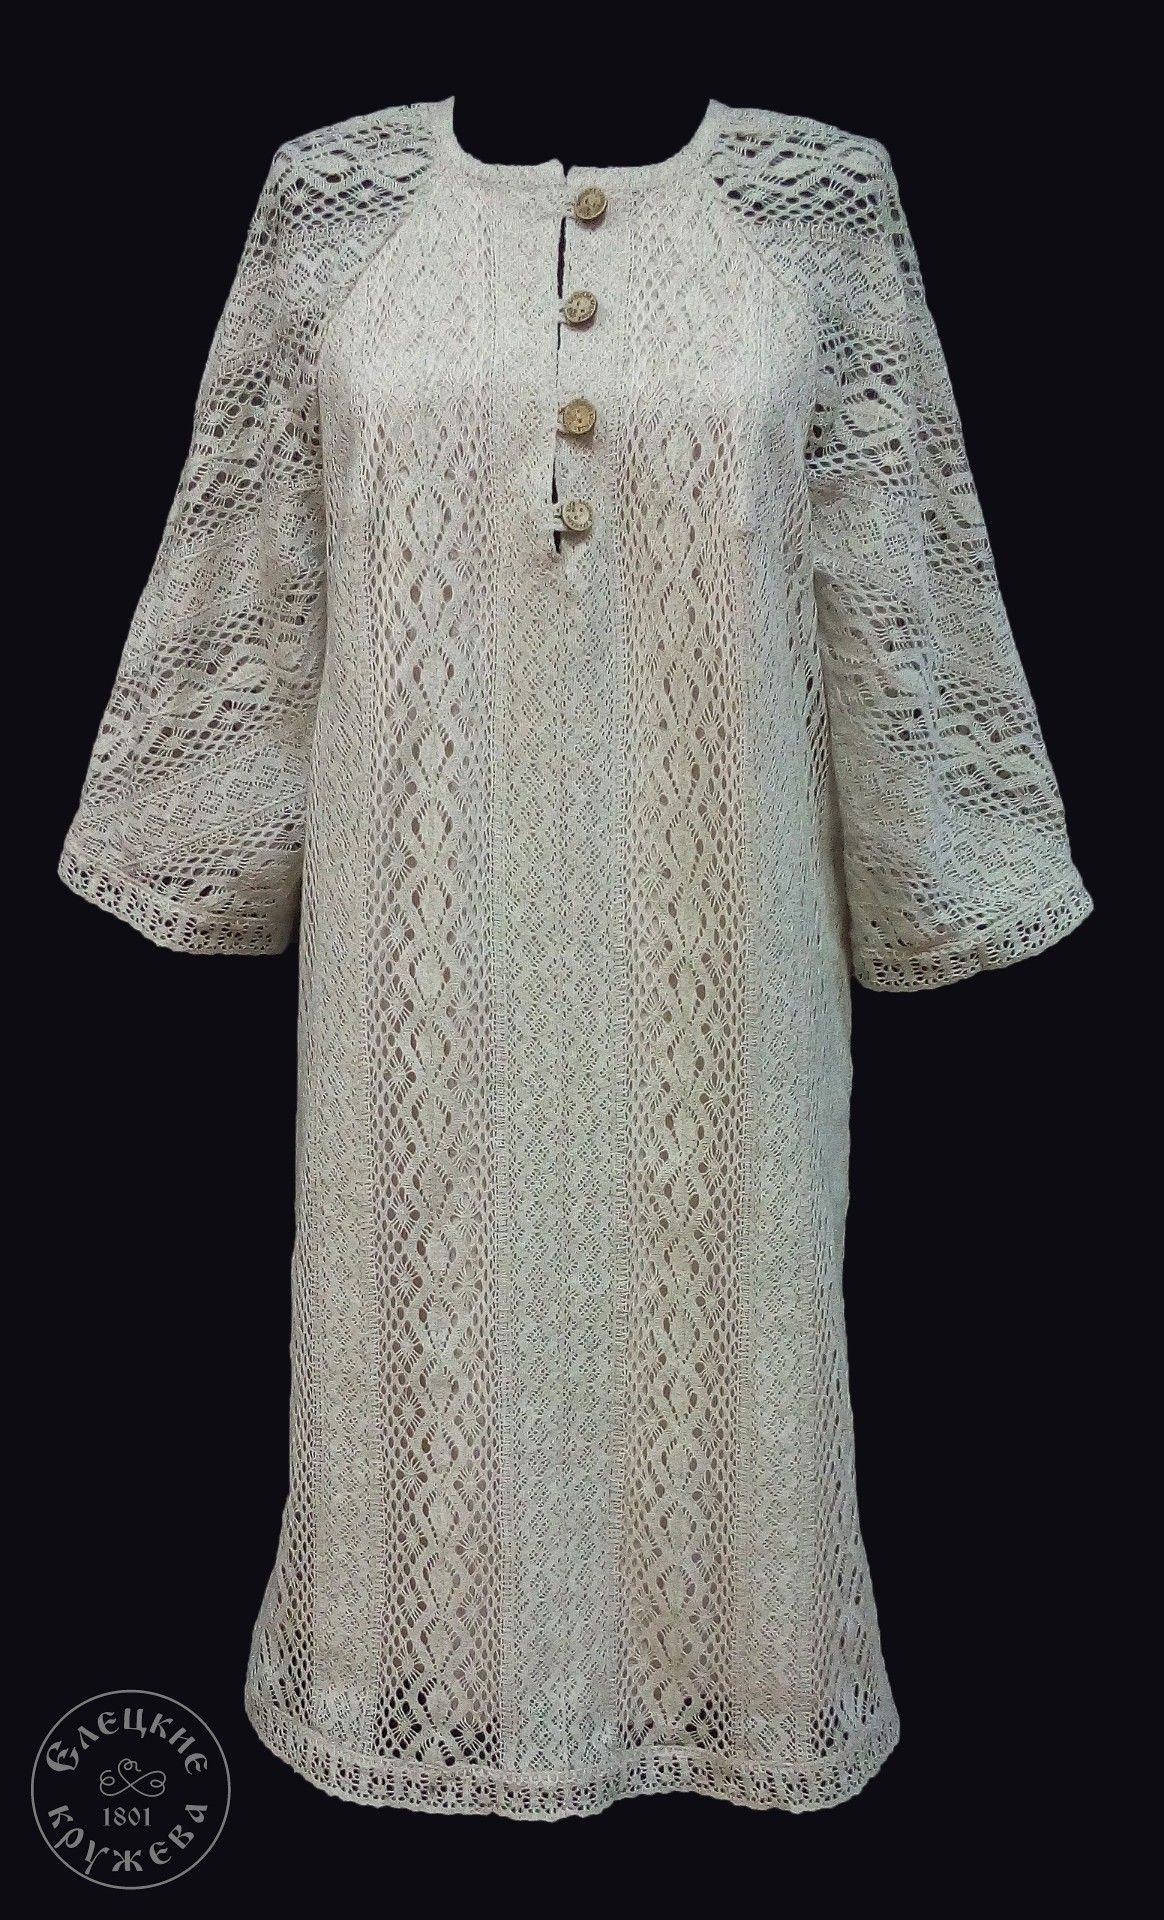 Yelets lace / Women's lace dress С2221